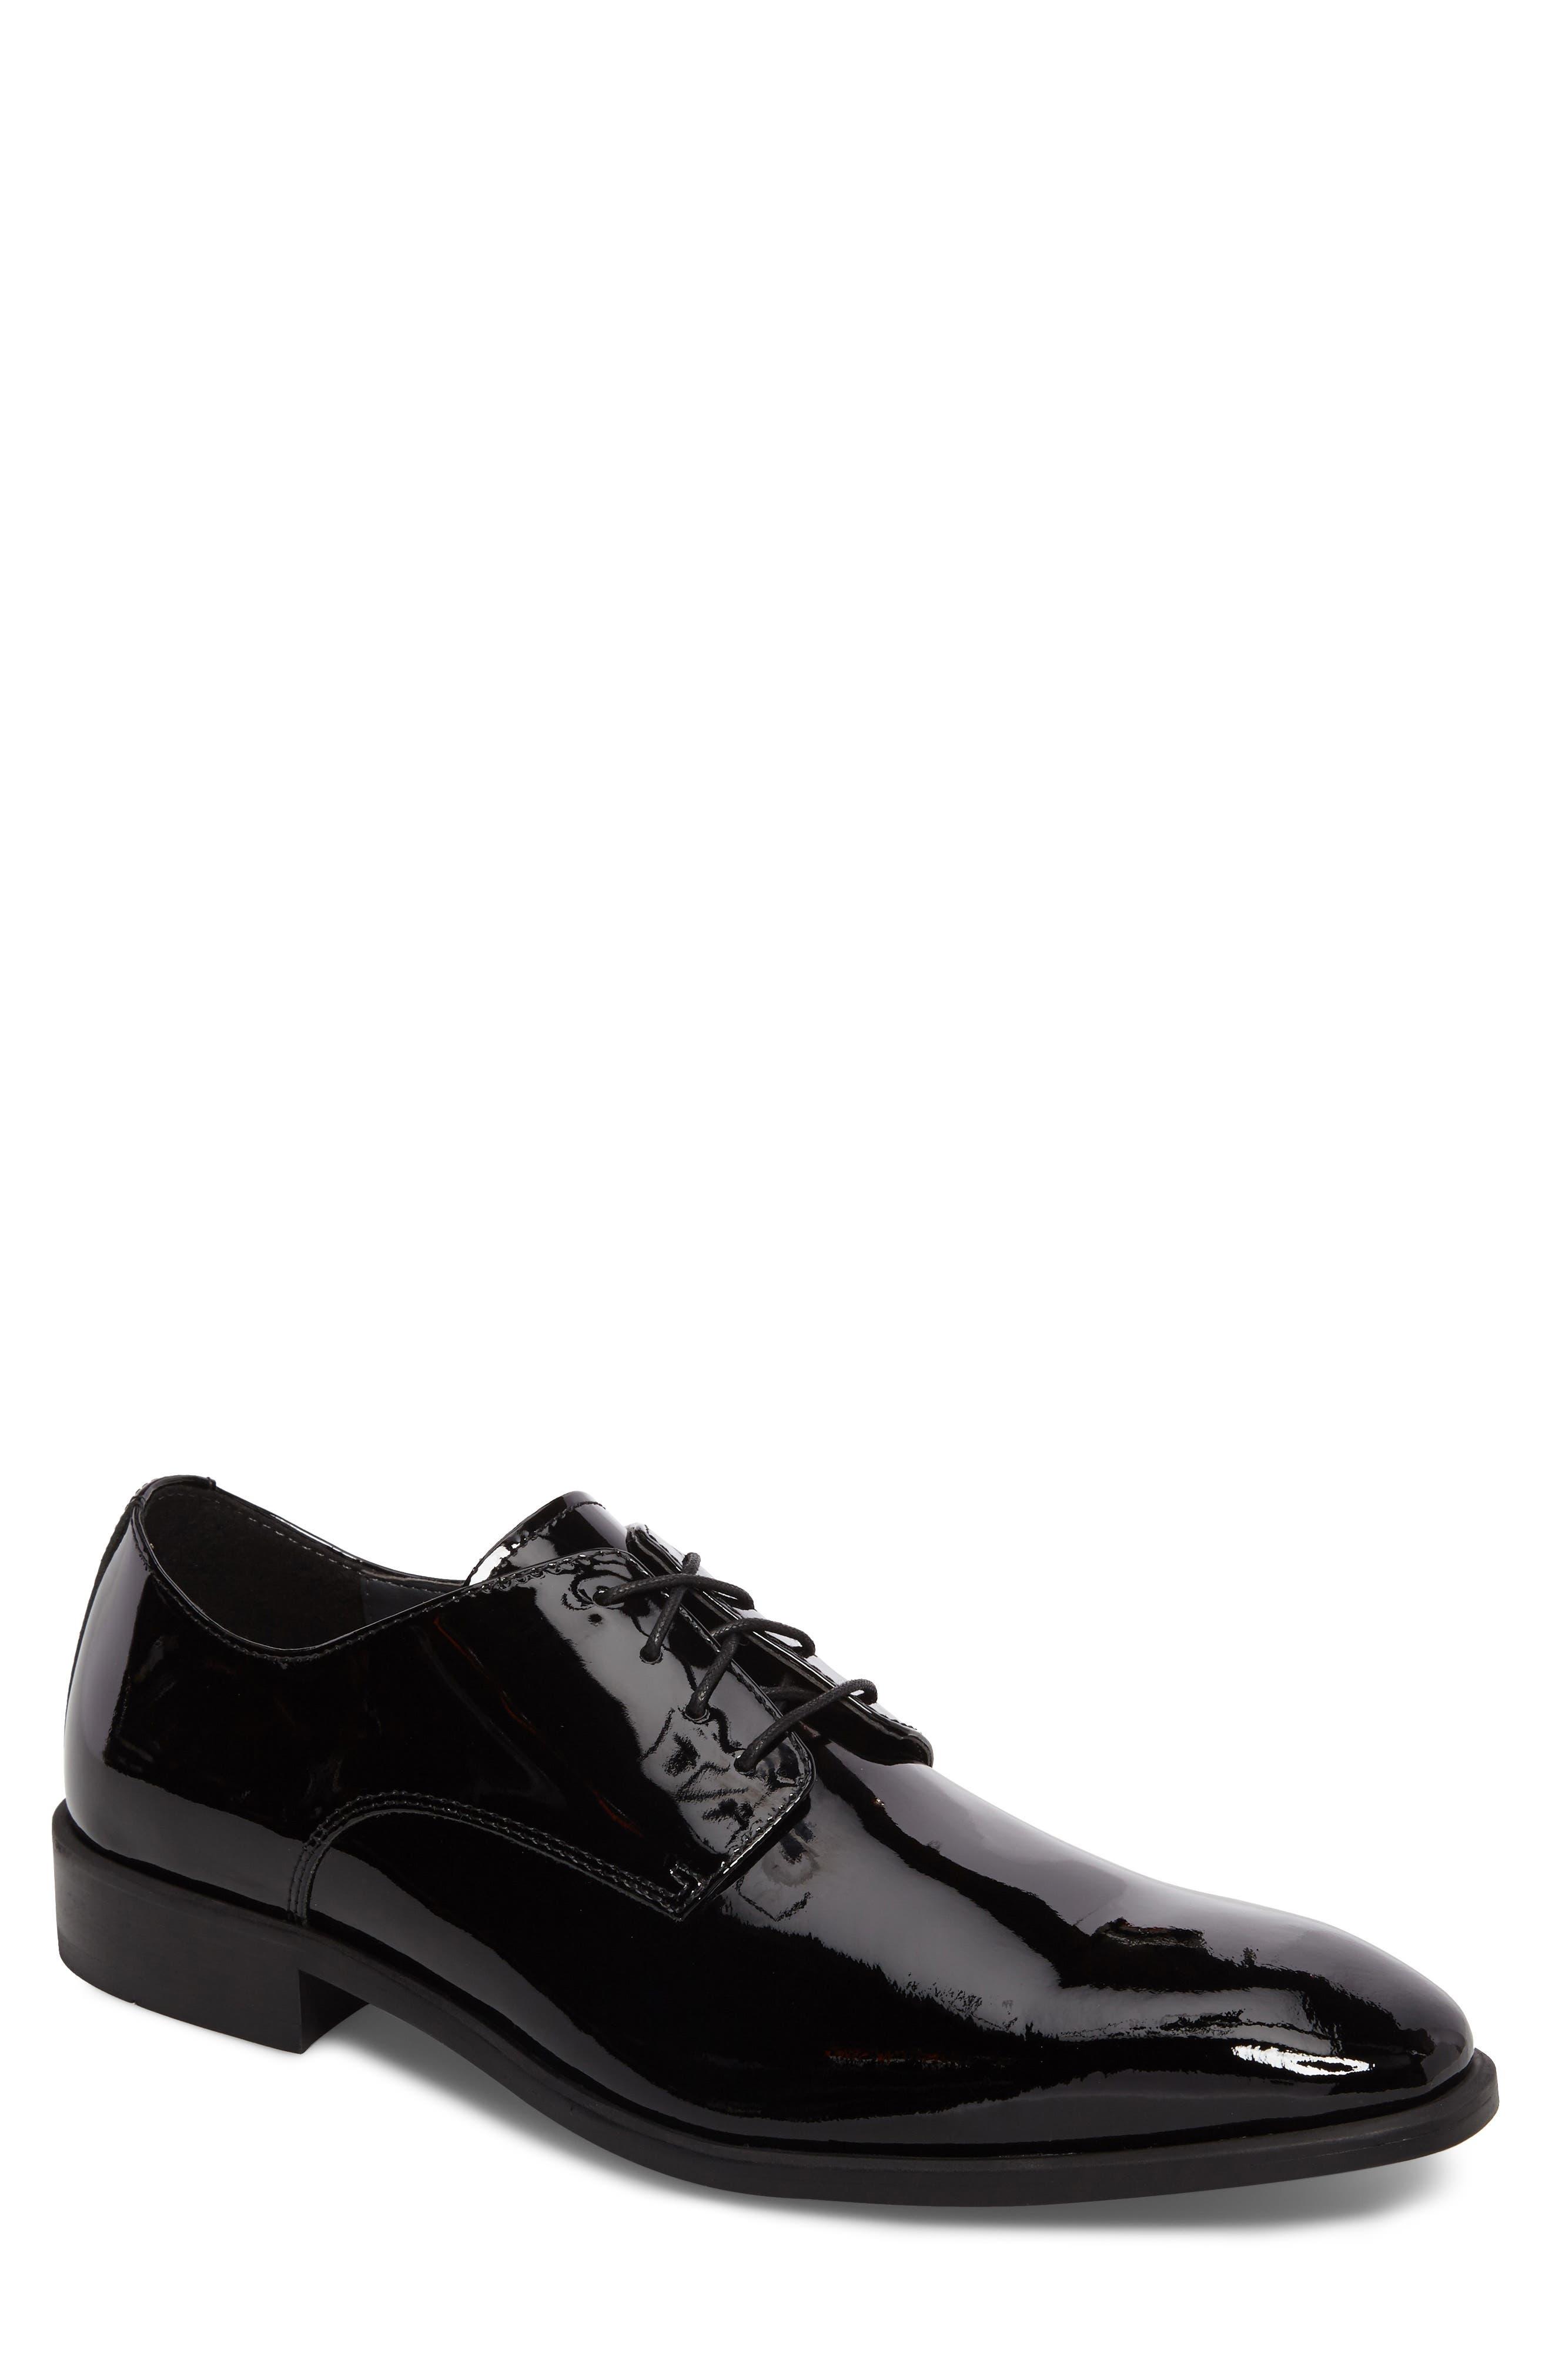 Dallas Plain Toe Derby,                             Main thumbnail 1, color,                             Black Patent Leather